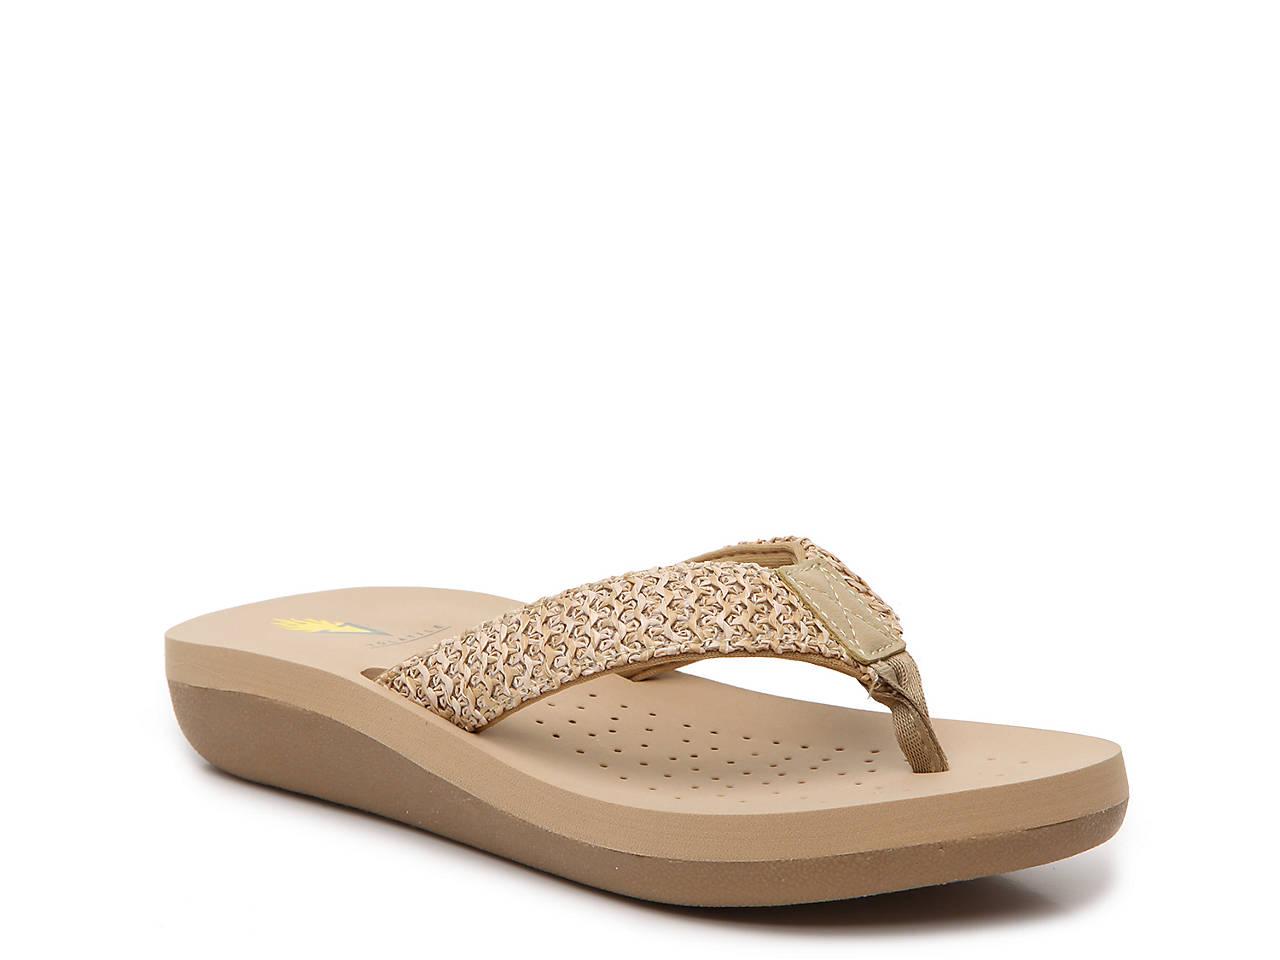 a02160d37 Volatile Higgins Wedge Sandal Women s Shoes